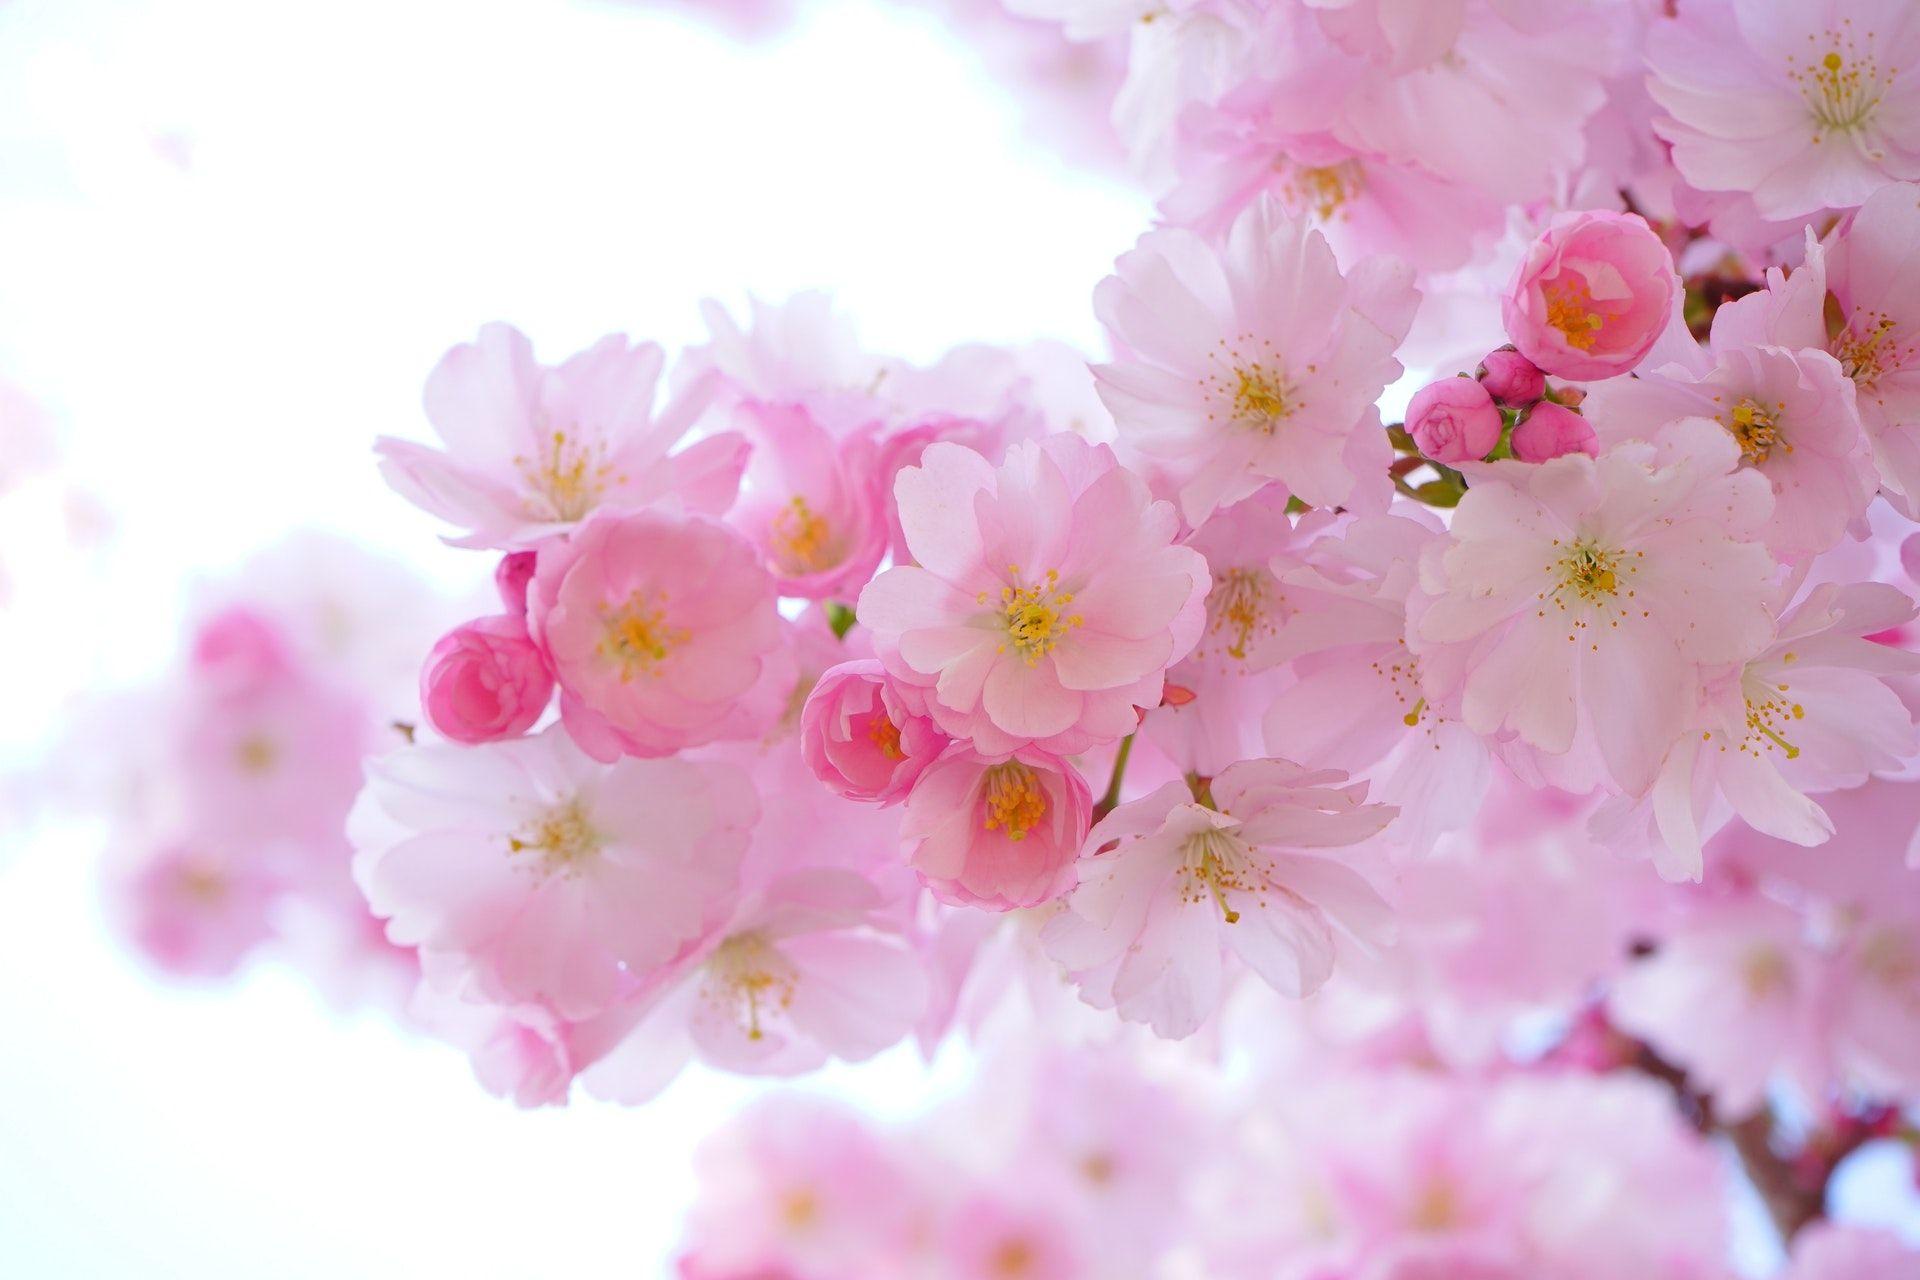 عکس زمینه گل های صورتی پس زمینه